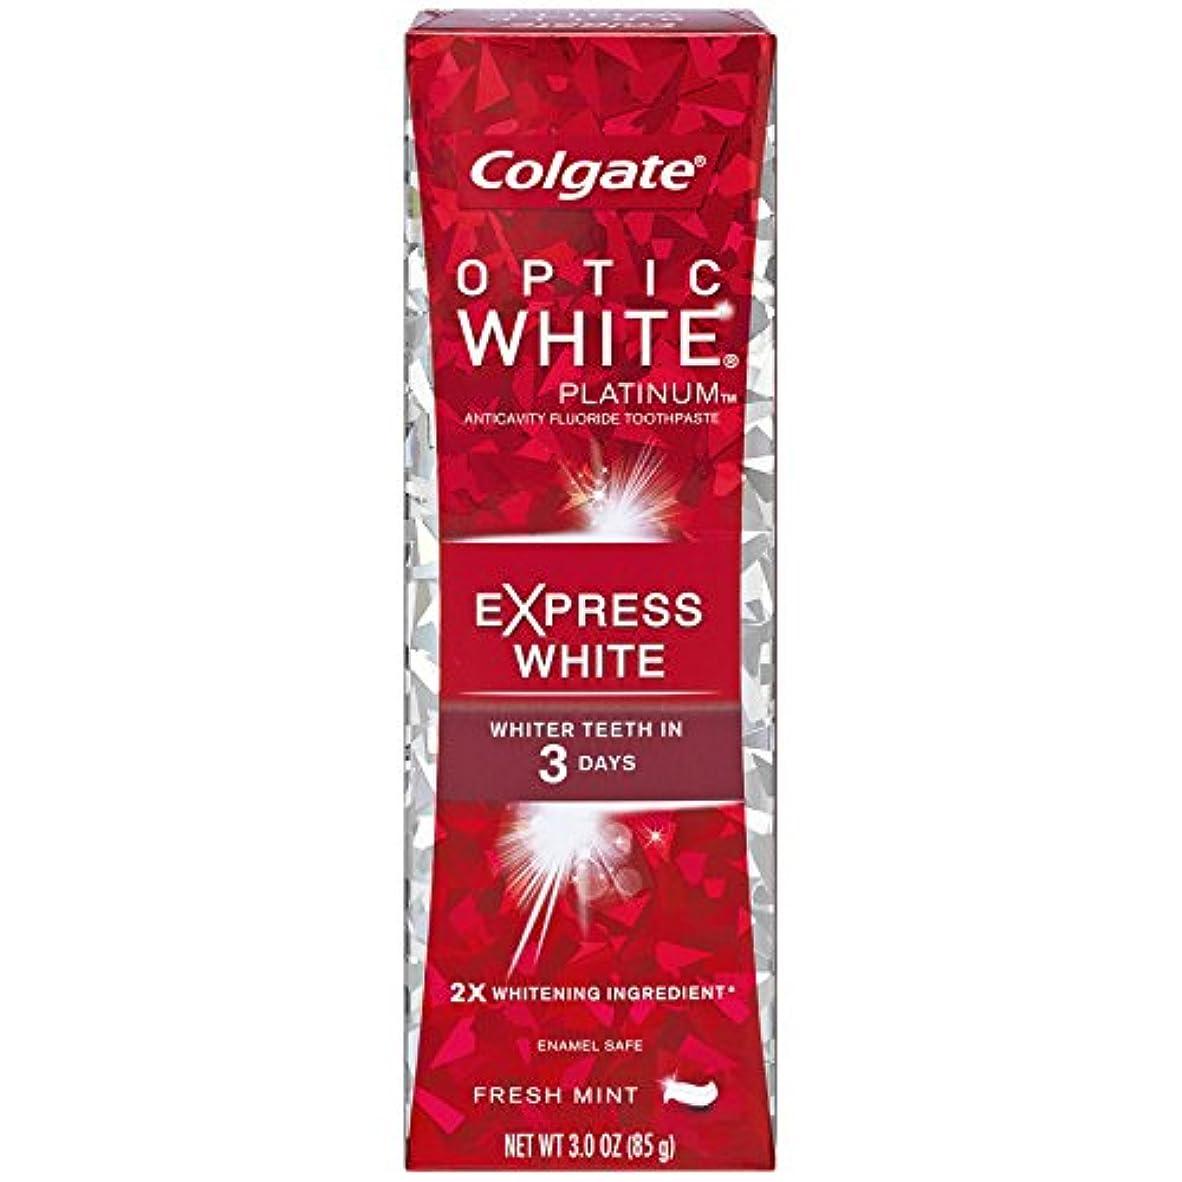 農民側面君主制コルゲート 歯みがき粉 オプティック ホワイト 3Days エクスプレス ホワイト